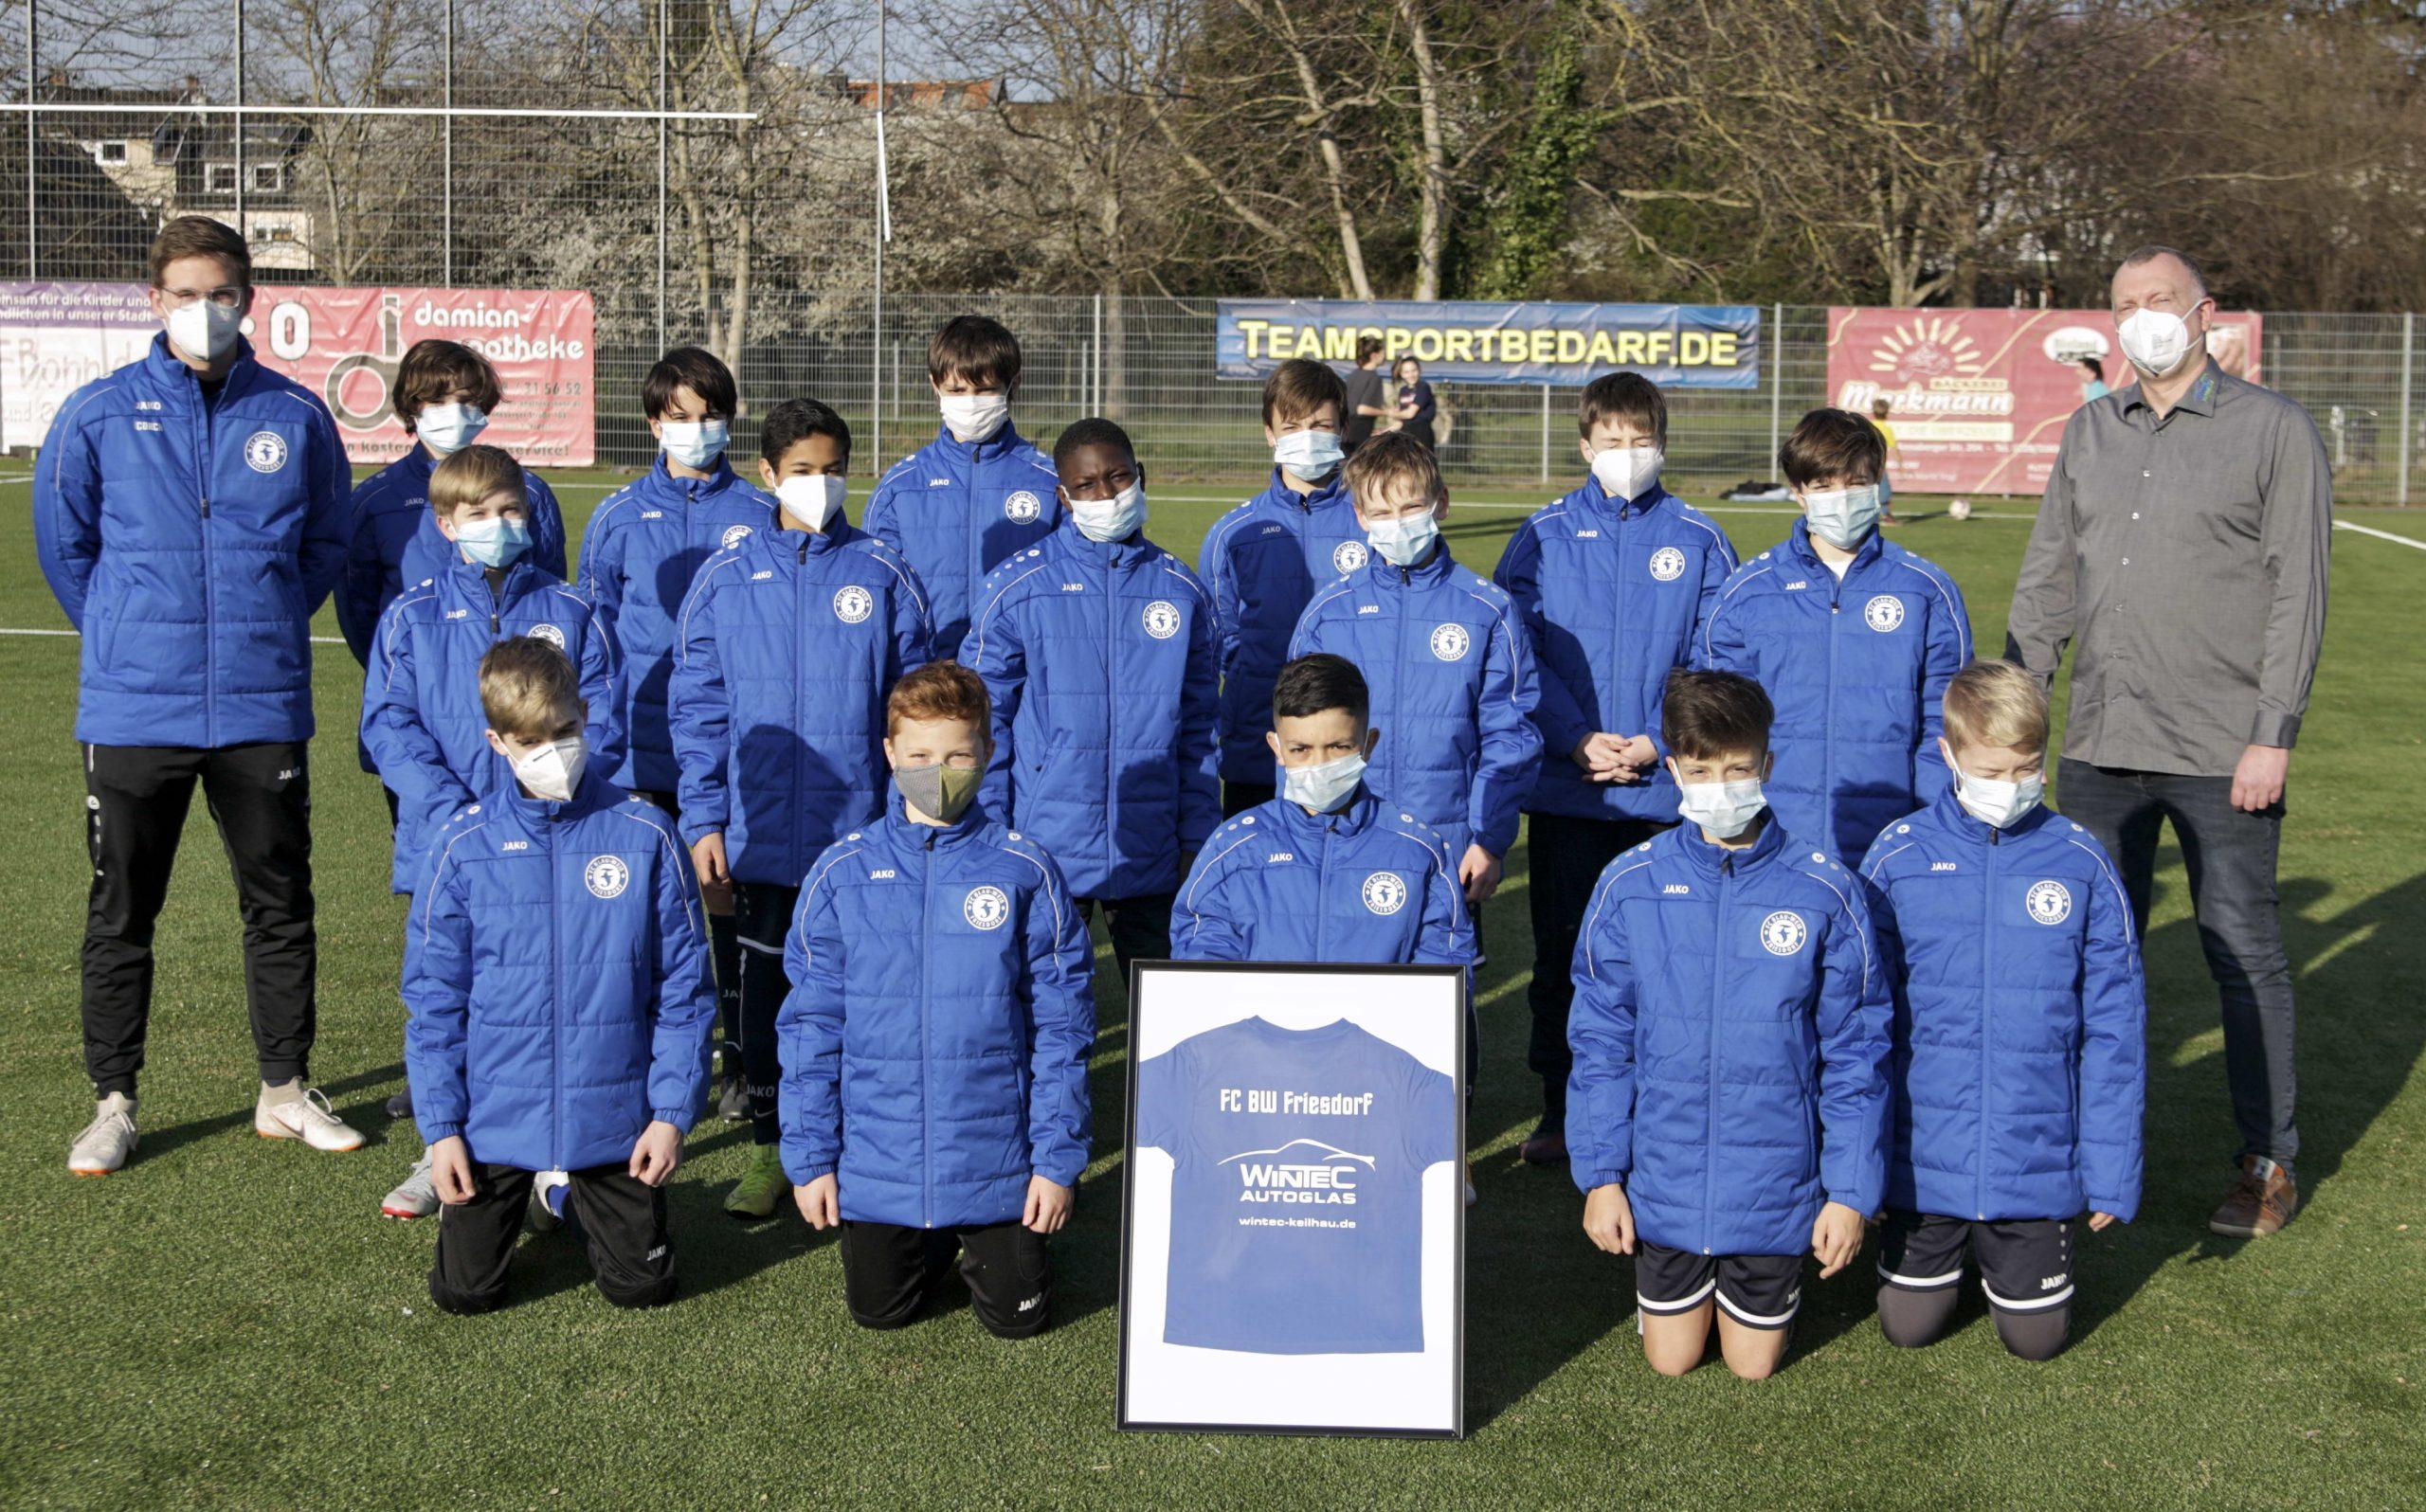 Sponsoring für die U12 des FC BW Friesdorf